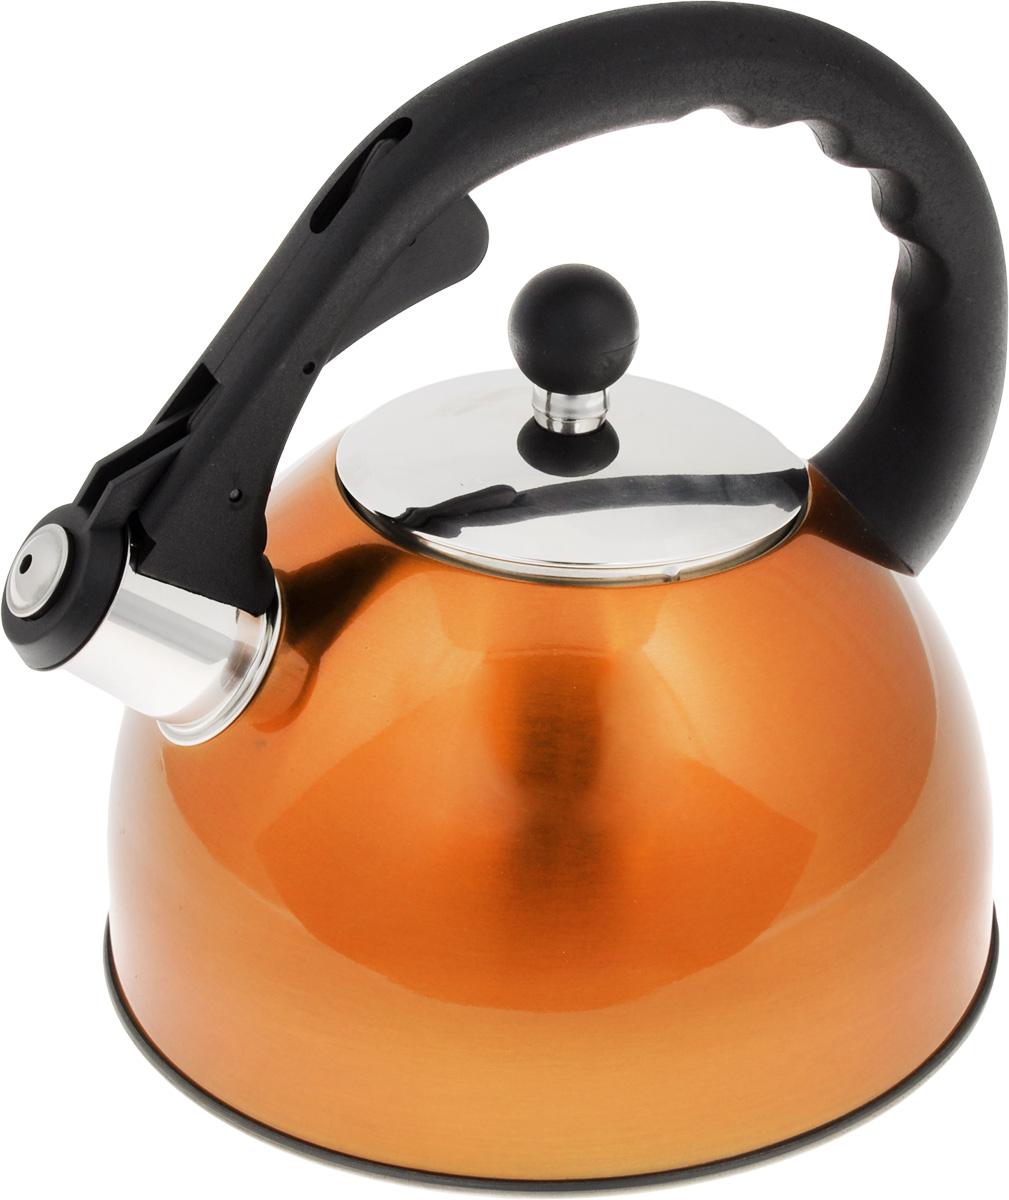 Чайник Mayer & Boch, со свистком, цвет: оранжевый, 2,7 л. 33333333_оранжевыйЧайник Mayer & Boch изготовлен из высококачественной нержавеющей стали. Внешнее цветное термостойкое покрытие корпуса придает изделию безупречный внешний вид. Изделие оснащено пластиковой ручкой эргономичной формы и свистком, который громко оповещает о закипании воды. Можно использовать на всех видах плит. Подходит для индукционных плит. Можно мыть в посудомоечной машине. Диаметр (по верхнему краю): 10 см. Высота чайника (без учета ручки и крышки): 12 см. Высота чайника (с учетом ручки и крышки): 22 см.